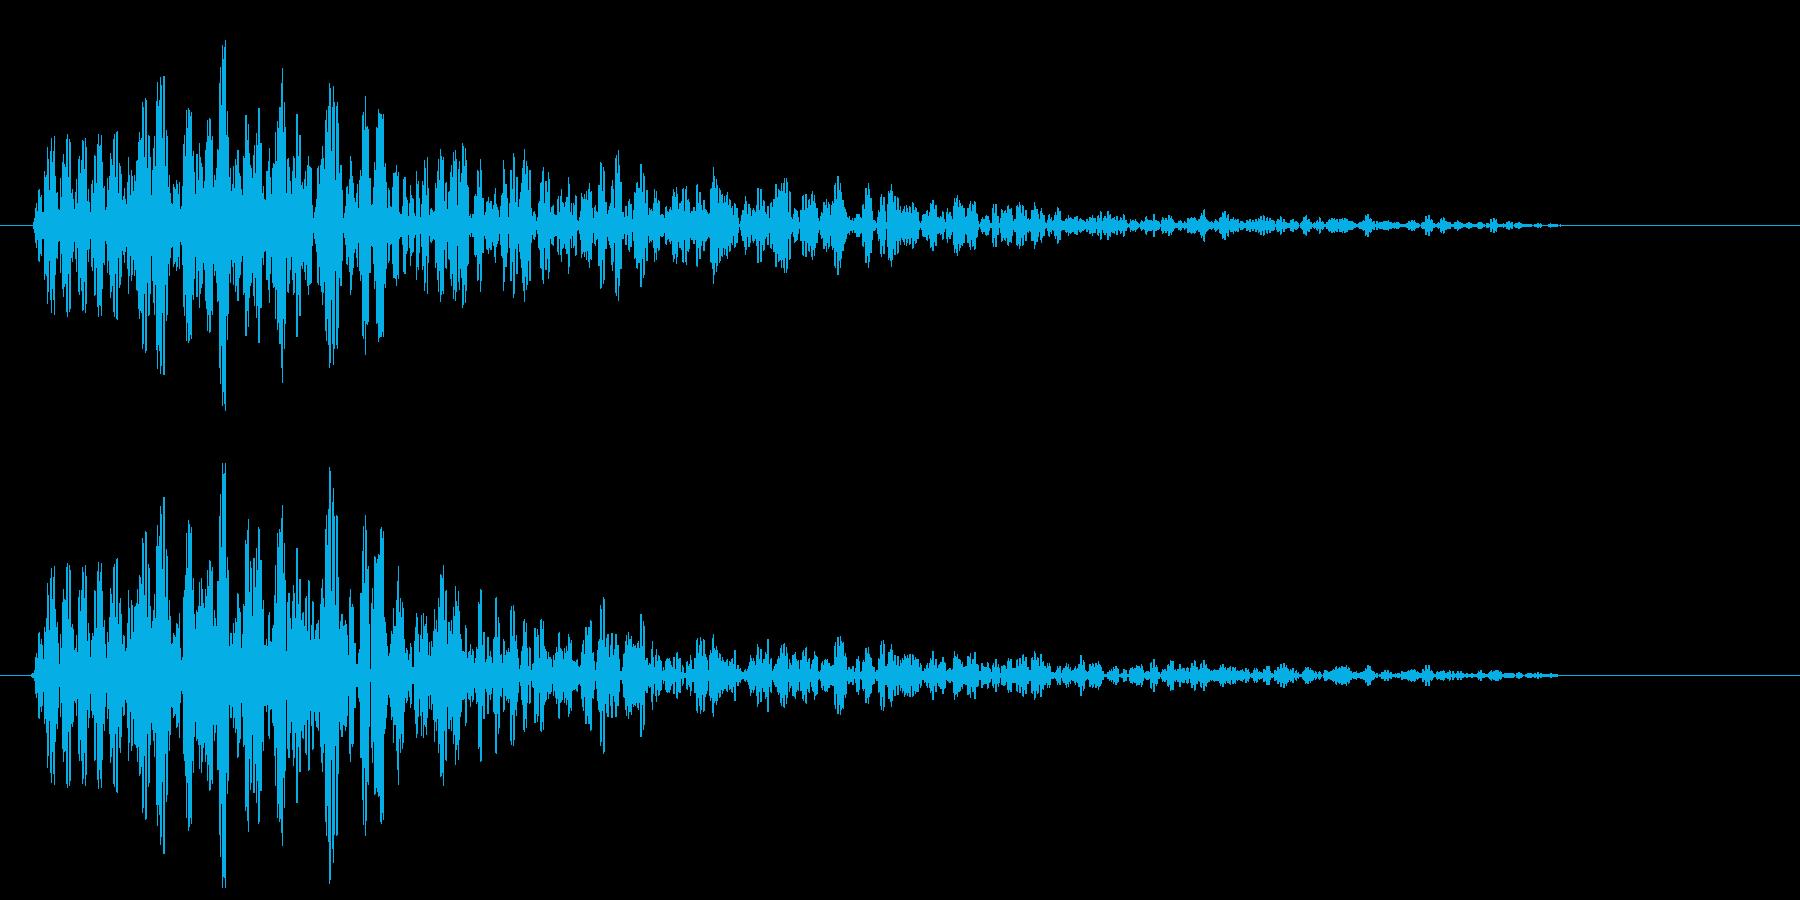 ピョン(何かが飛び出す音)の再生済みの波形